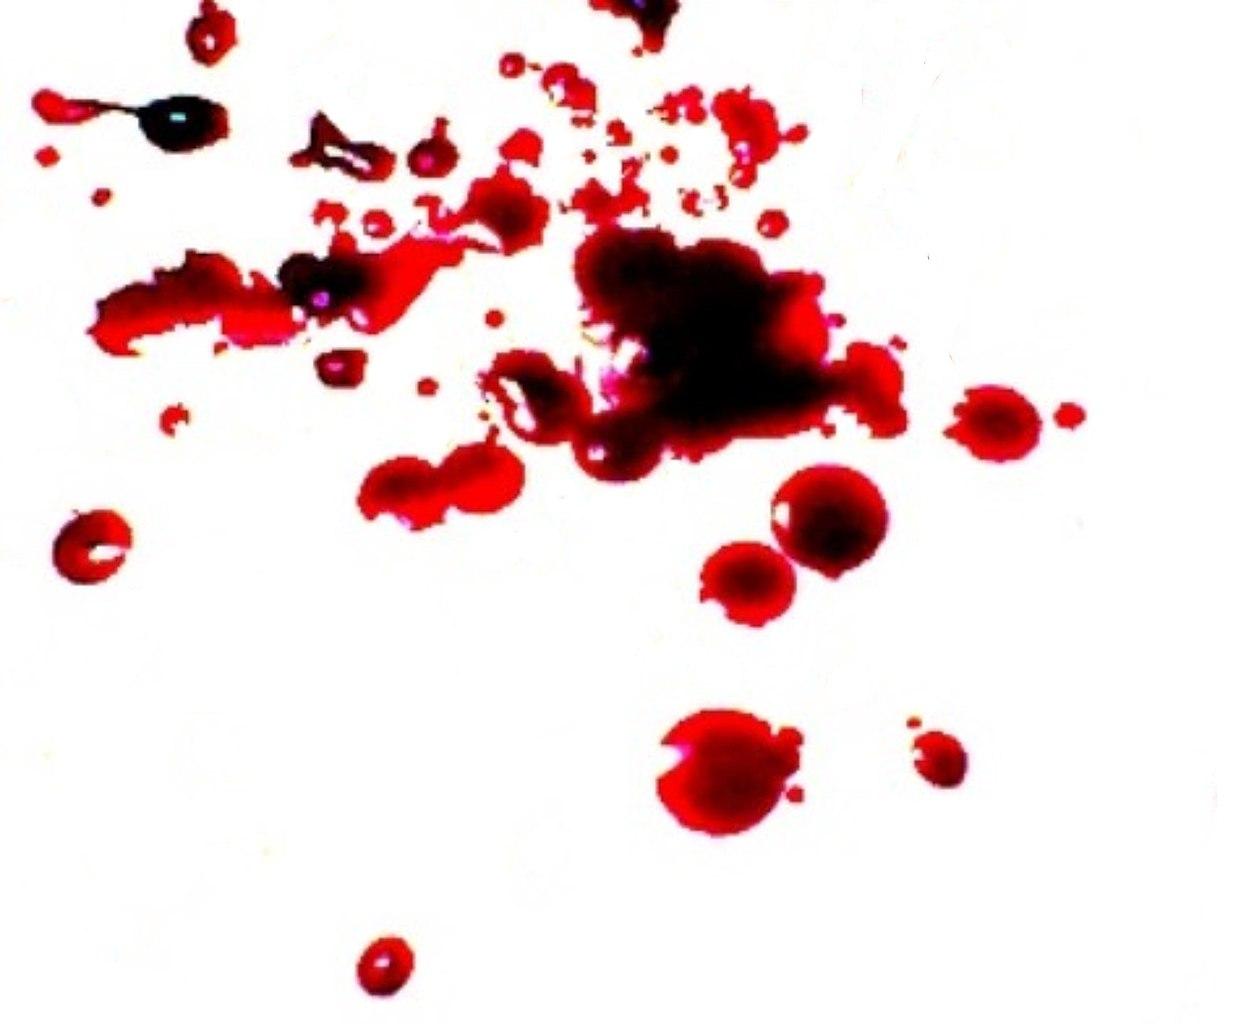 blod under samleje polen dating